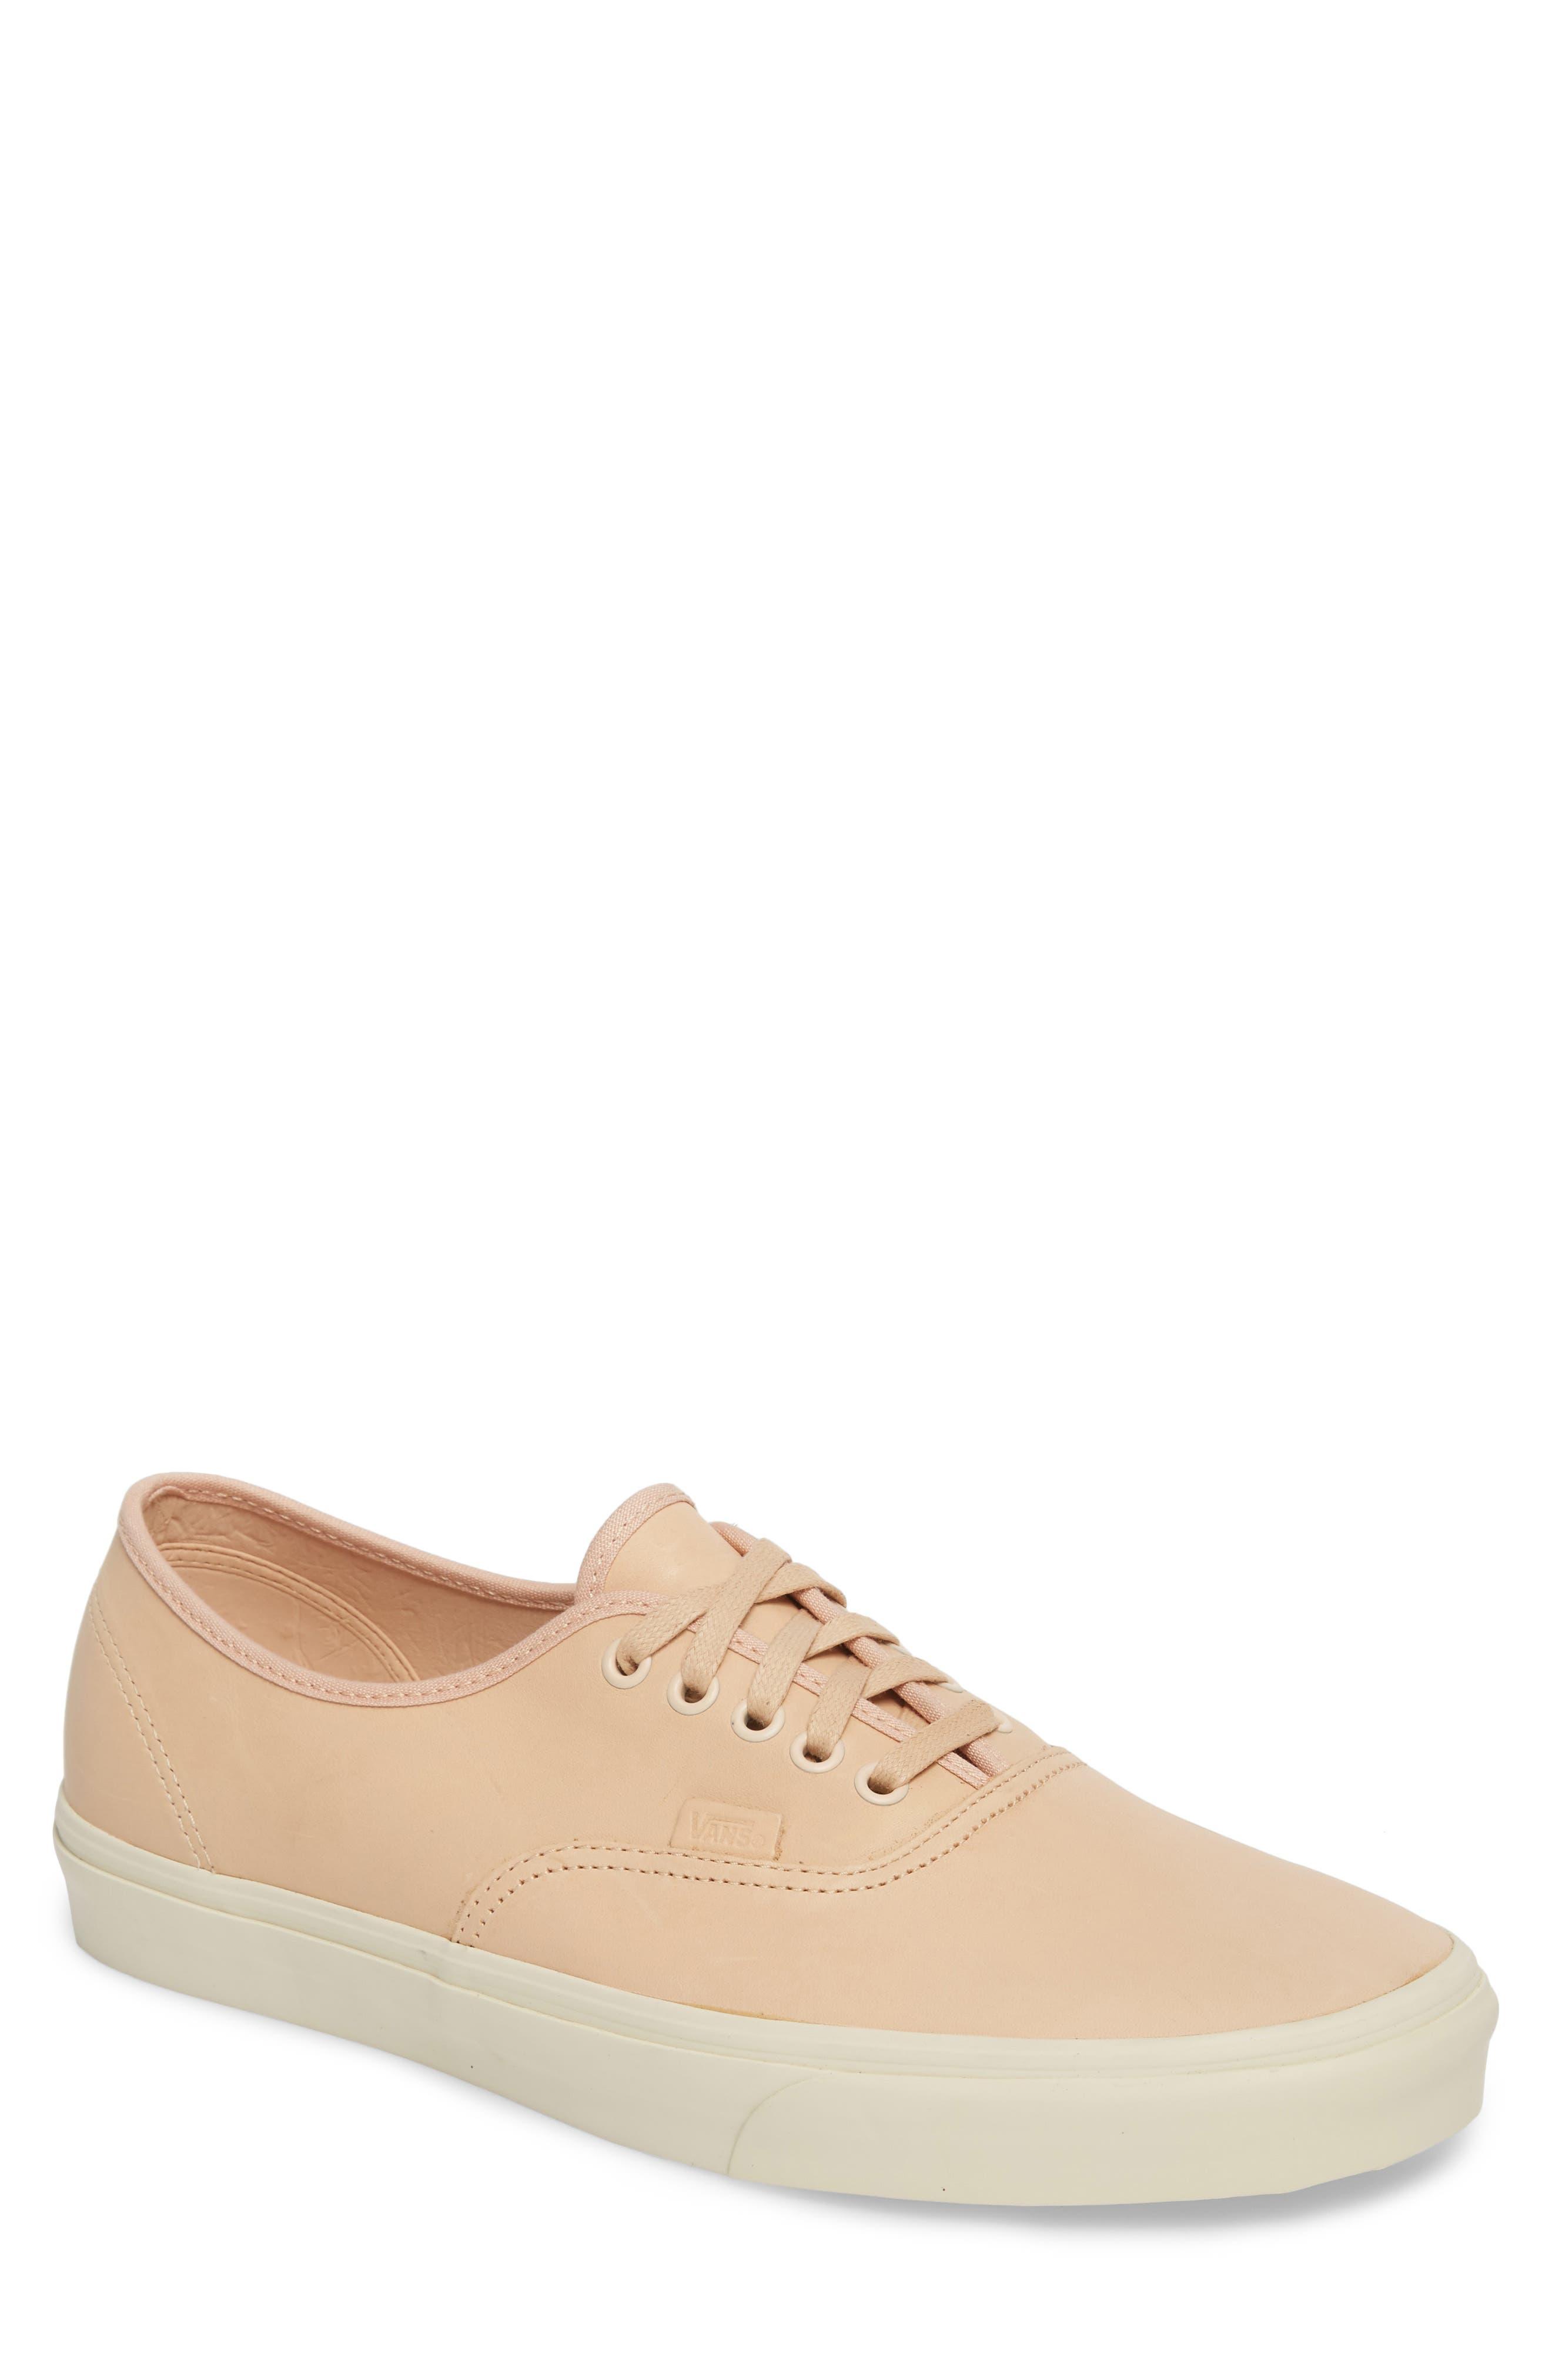 Authentic DX Sneaker,                             Main thumbnail 1, color,                             Veggie Tan Leather